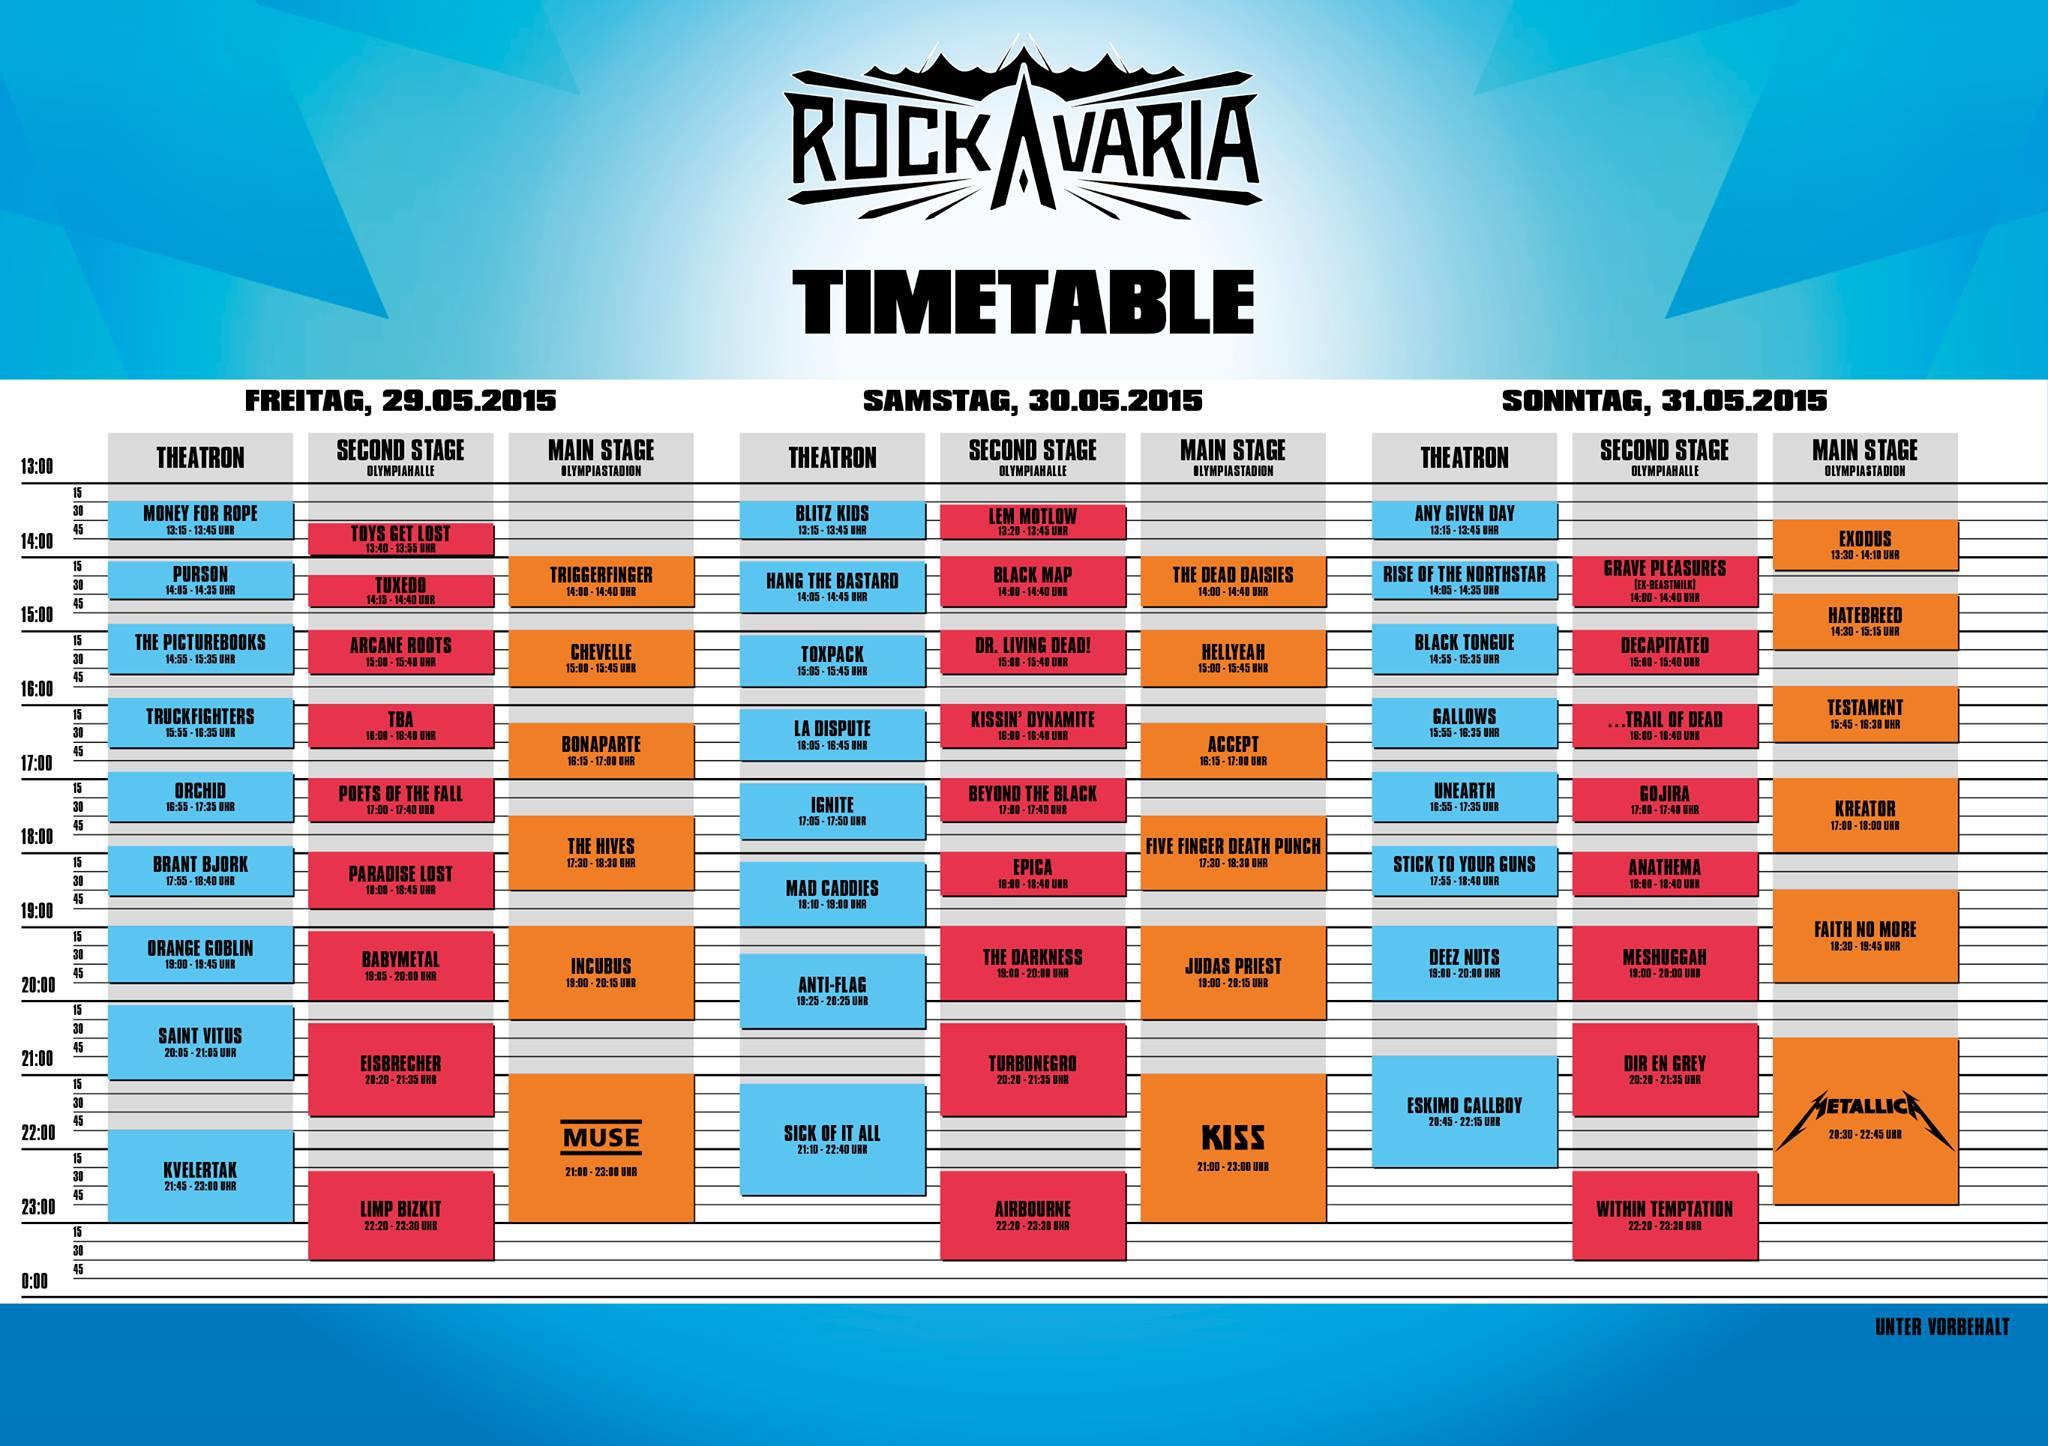 Rockavariaタイムテーブル